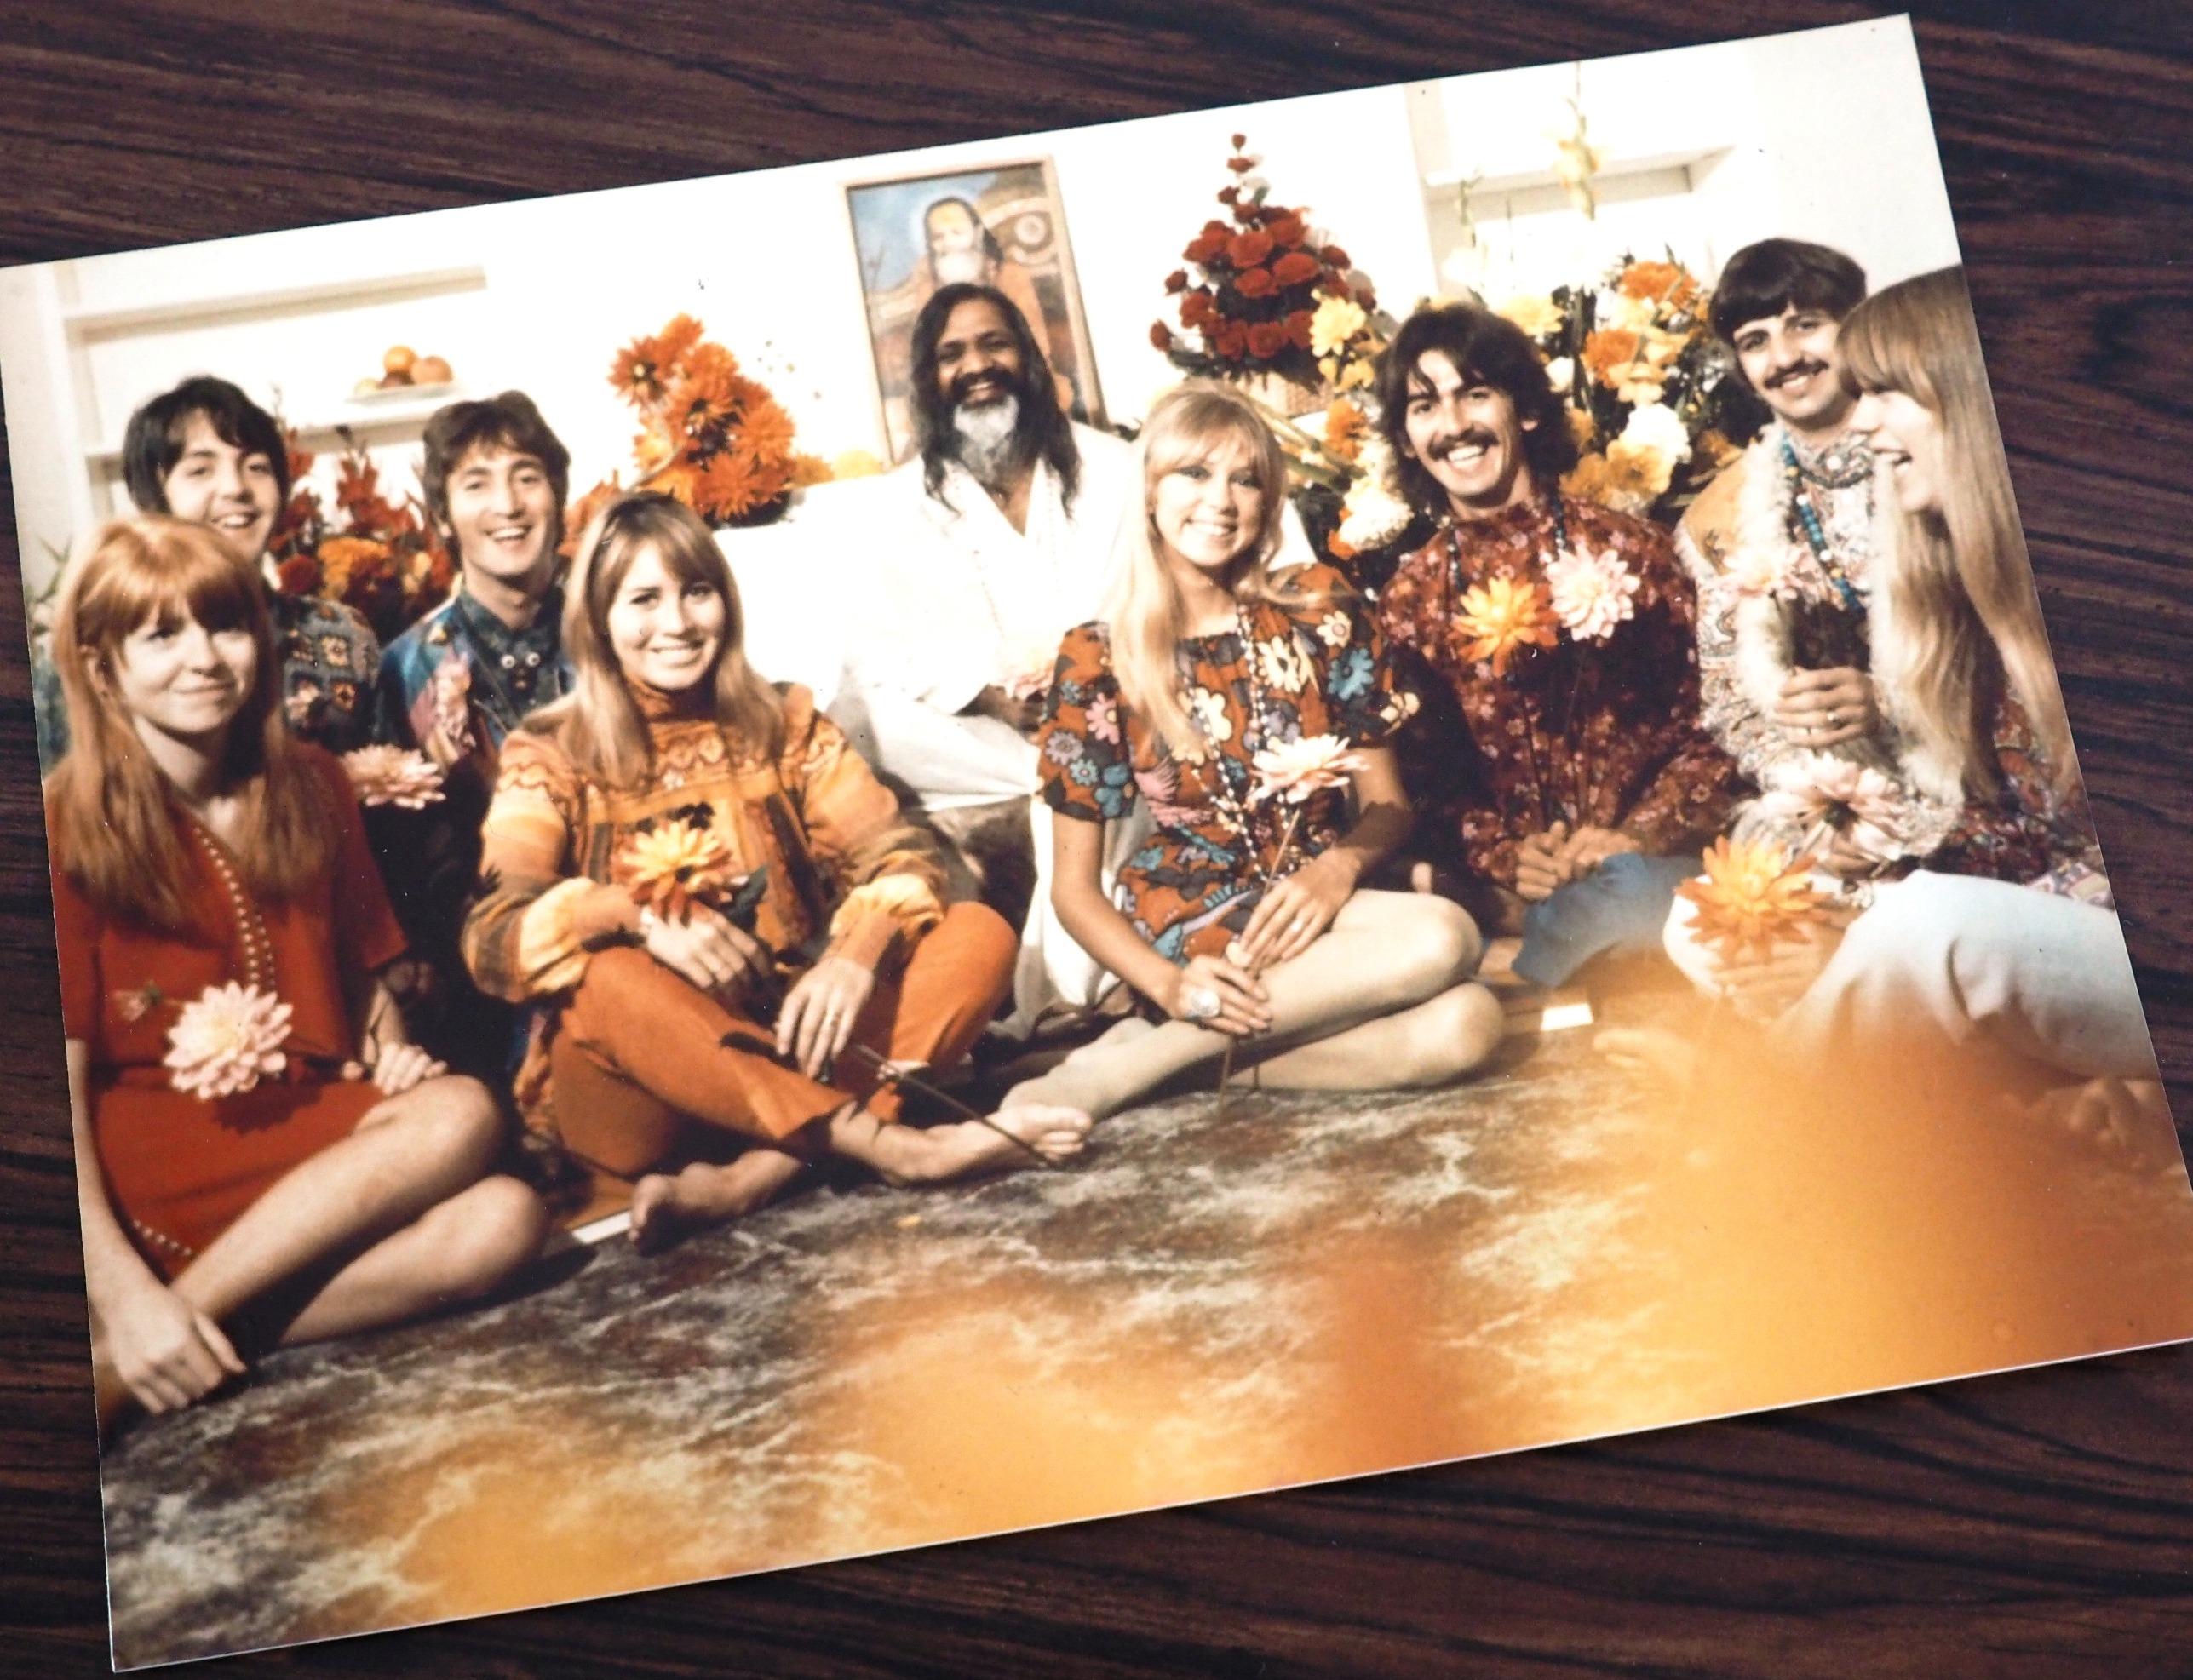 マハリシ(写真中央)とビートルズが一緒に写った写真のポストカード。